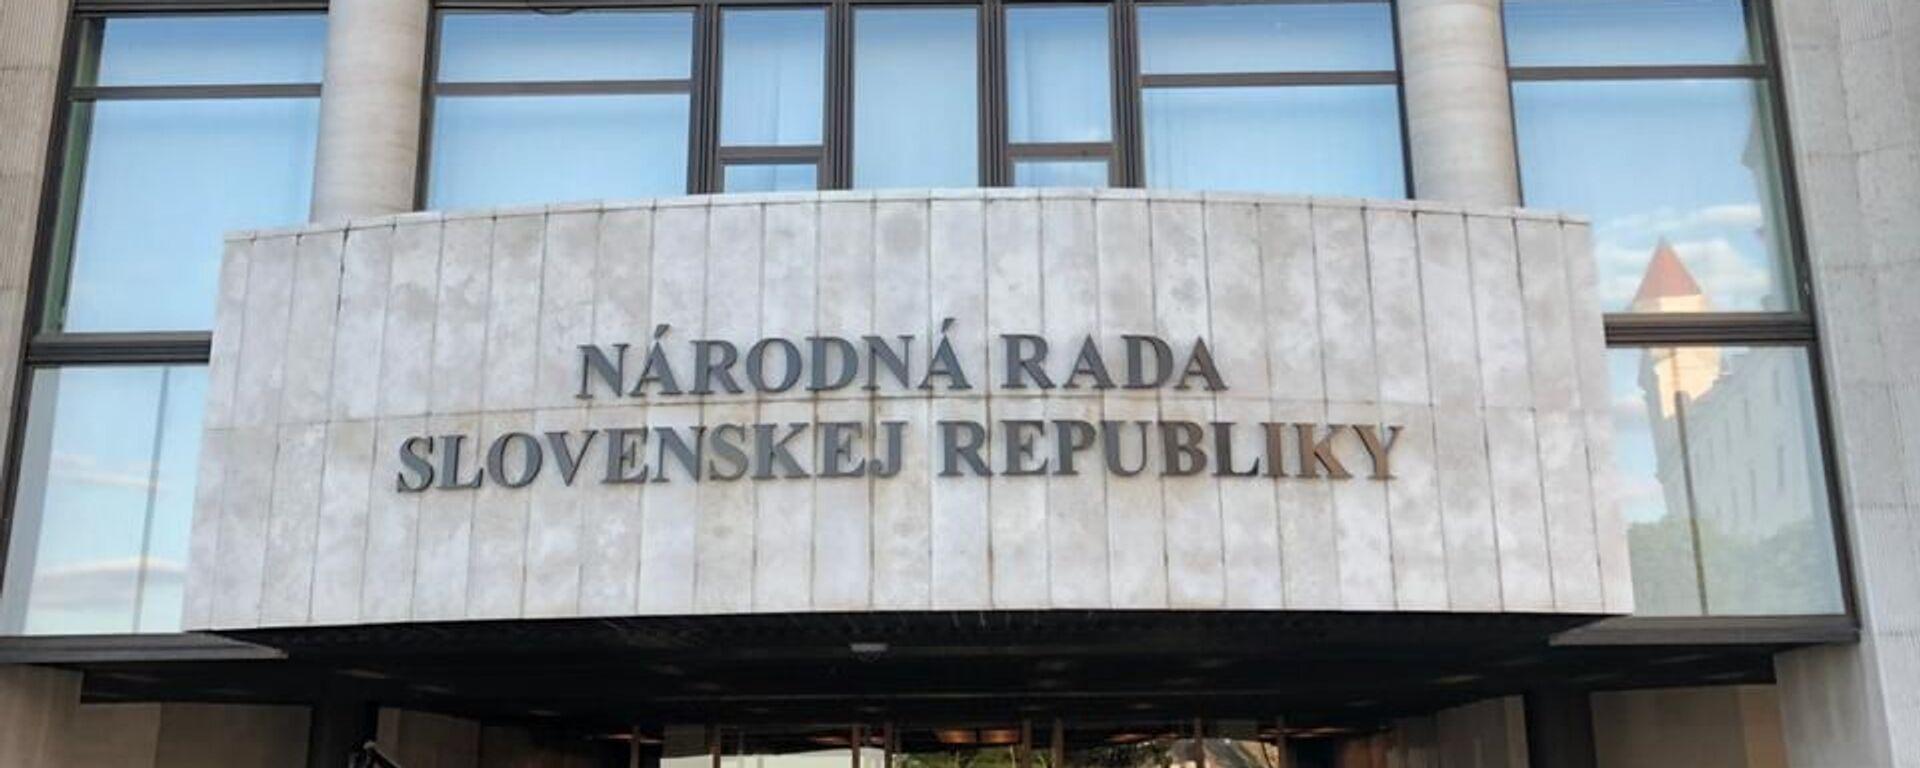 Národní rada Slovenské republiky - Sputnik Česká republika, 1920, 02.03.2021